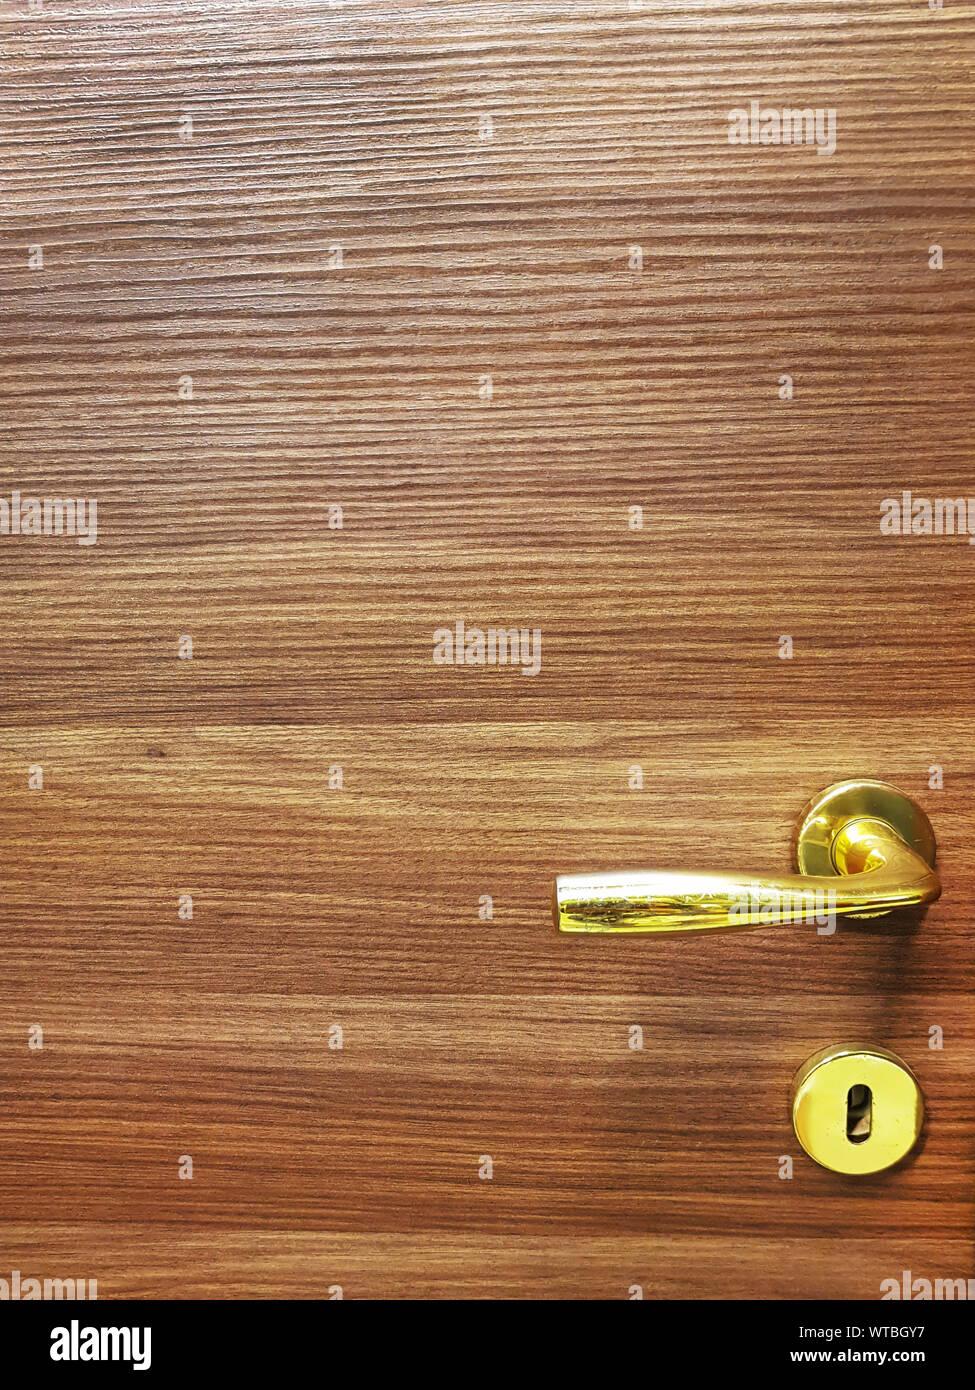 Modern wooden door with metal door handle,  Detail of wooden door background. Stock Photo